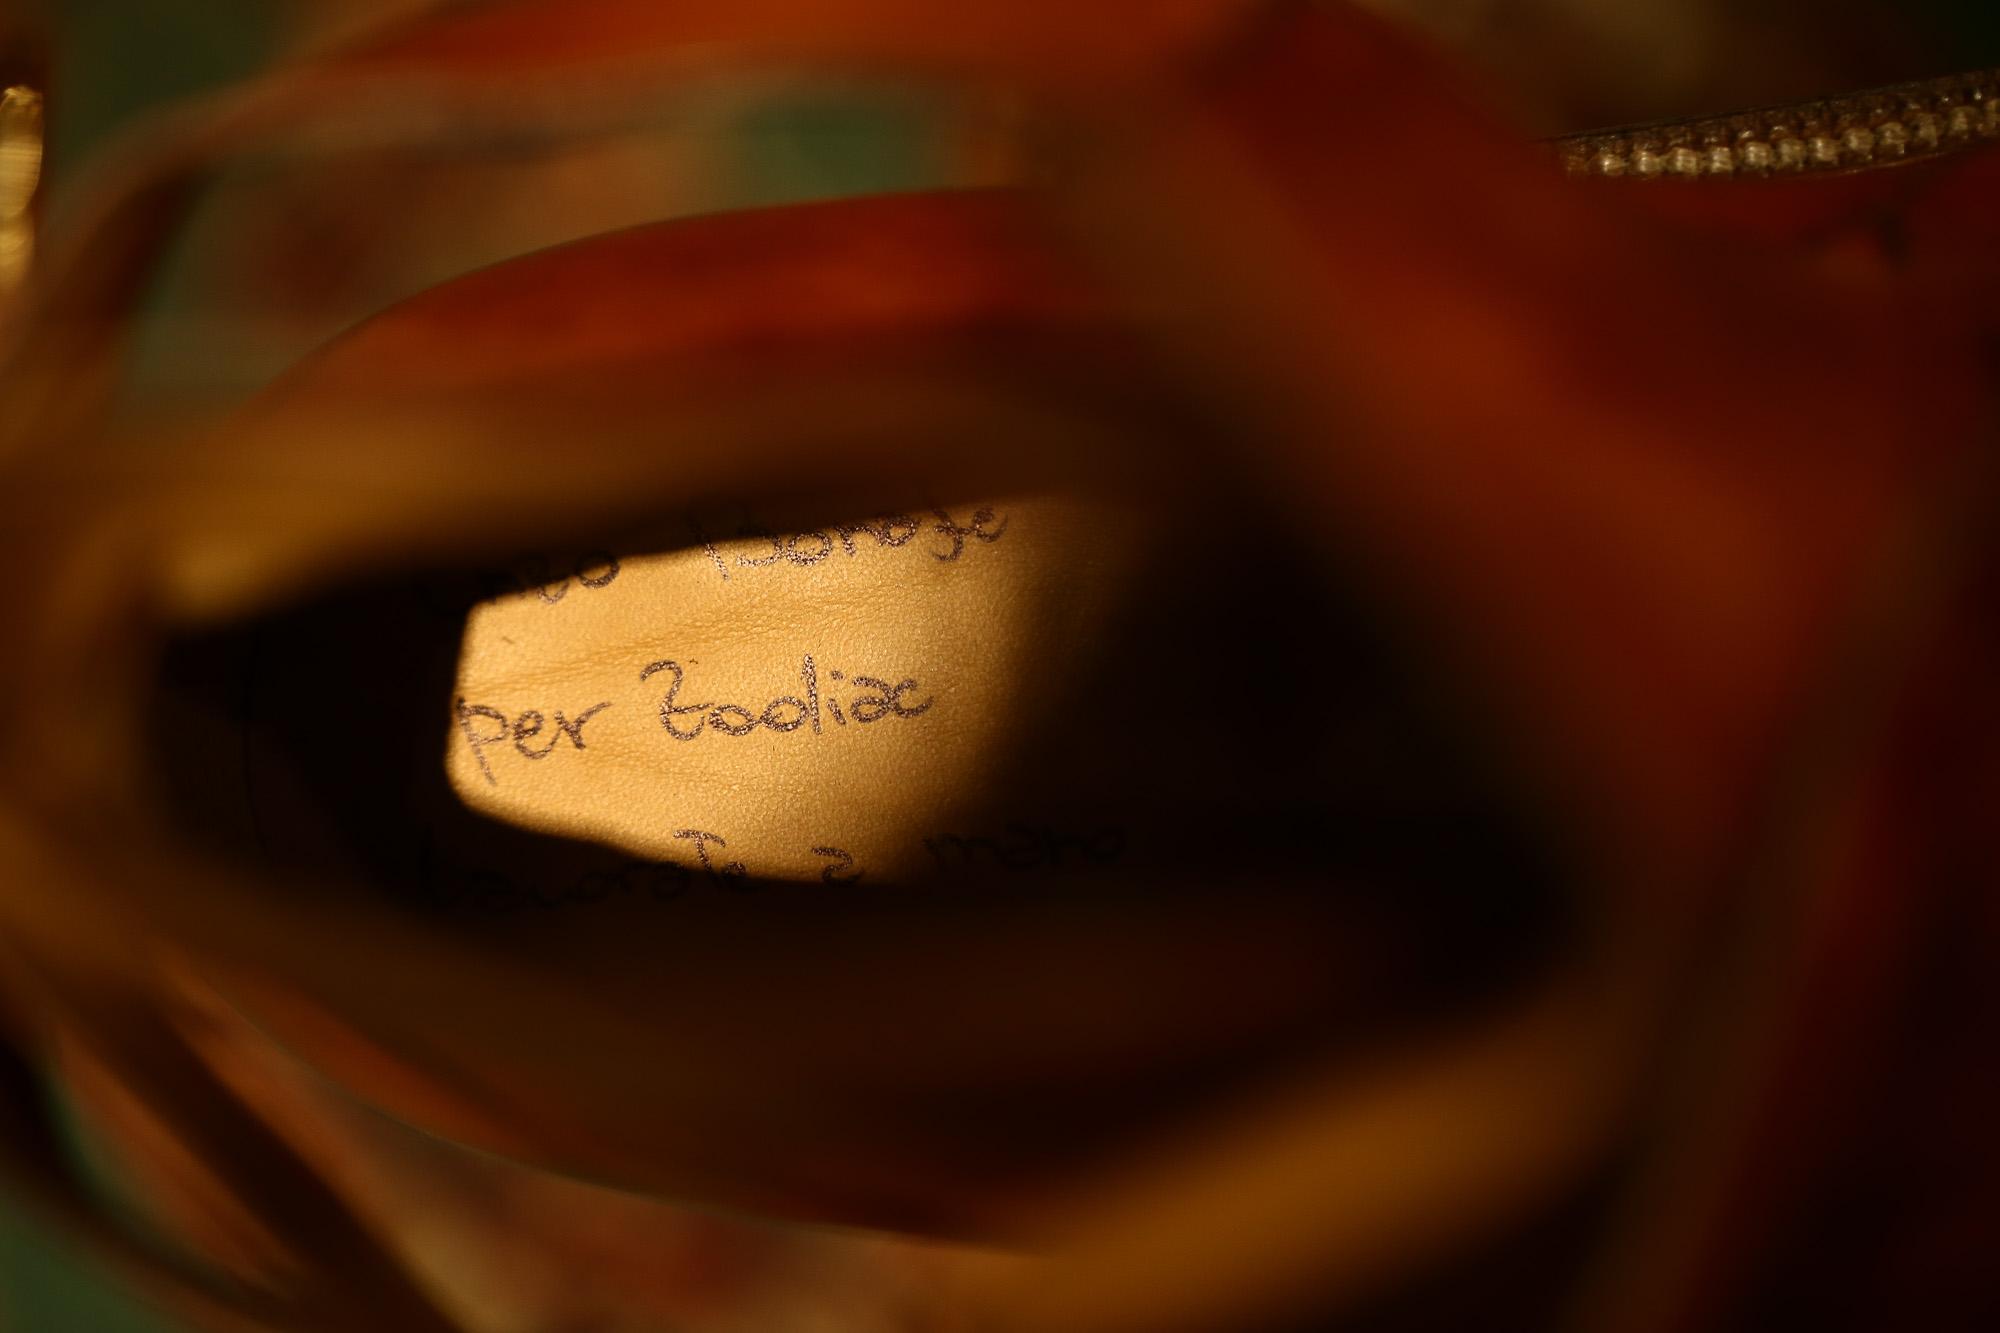 ENZO BONAFE (エンツォボナフェ) 【ART.EB-13】 Jodhpur boots BONAUDO MUSEUM CALF LEATHER ボナウド社ミュージアムカーフレザー ジョッパーブーツ NEW GOLD (ニューゴールド) made in italy (イタリア製) 2018 春夏 enozbonafe eb13 ジョッパーブーツ ブーツ 愛知 名古屋 Alto e Diritto アルト エ デリット